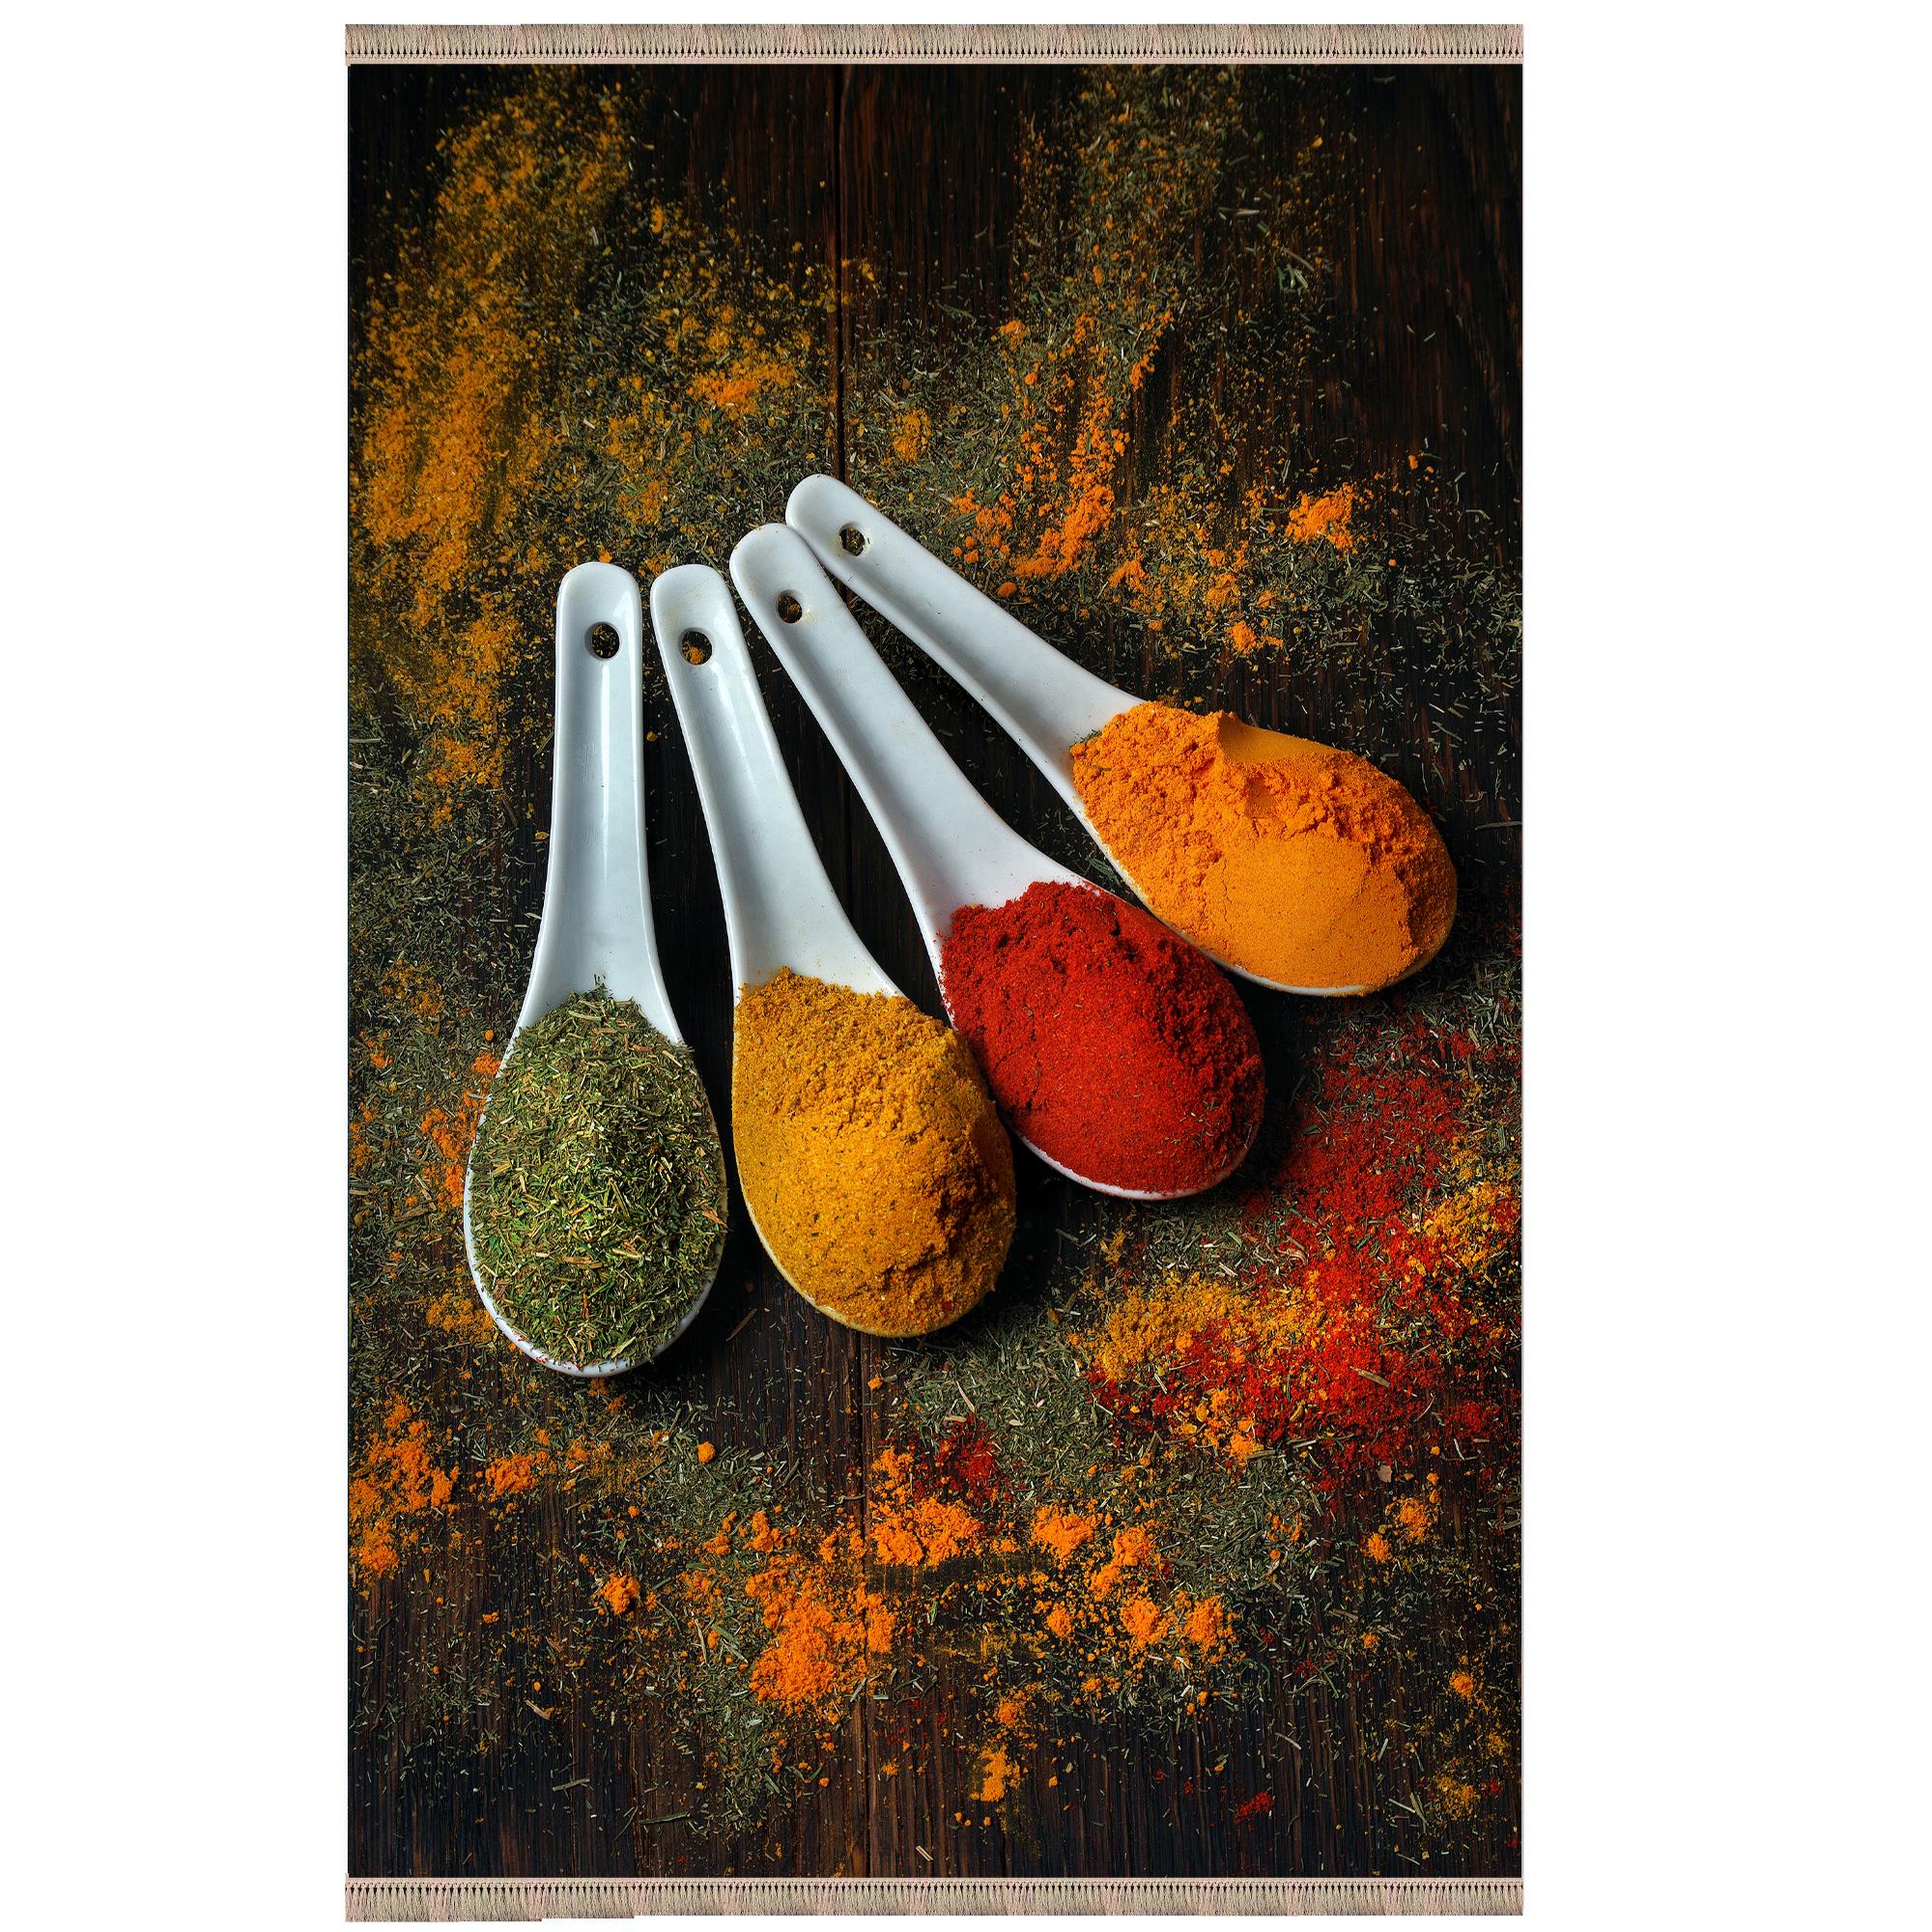 فرش پارچه ای مدل مدل آشپزخانه